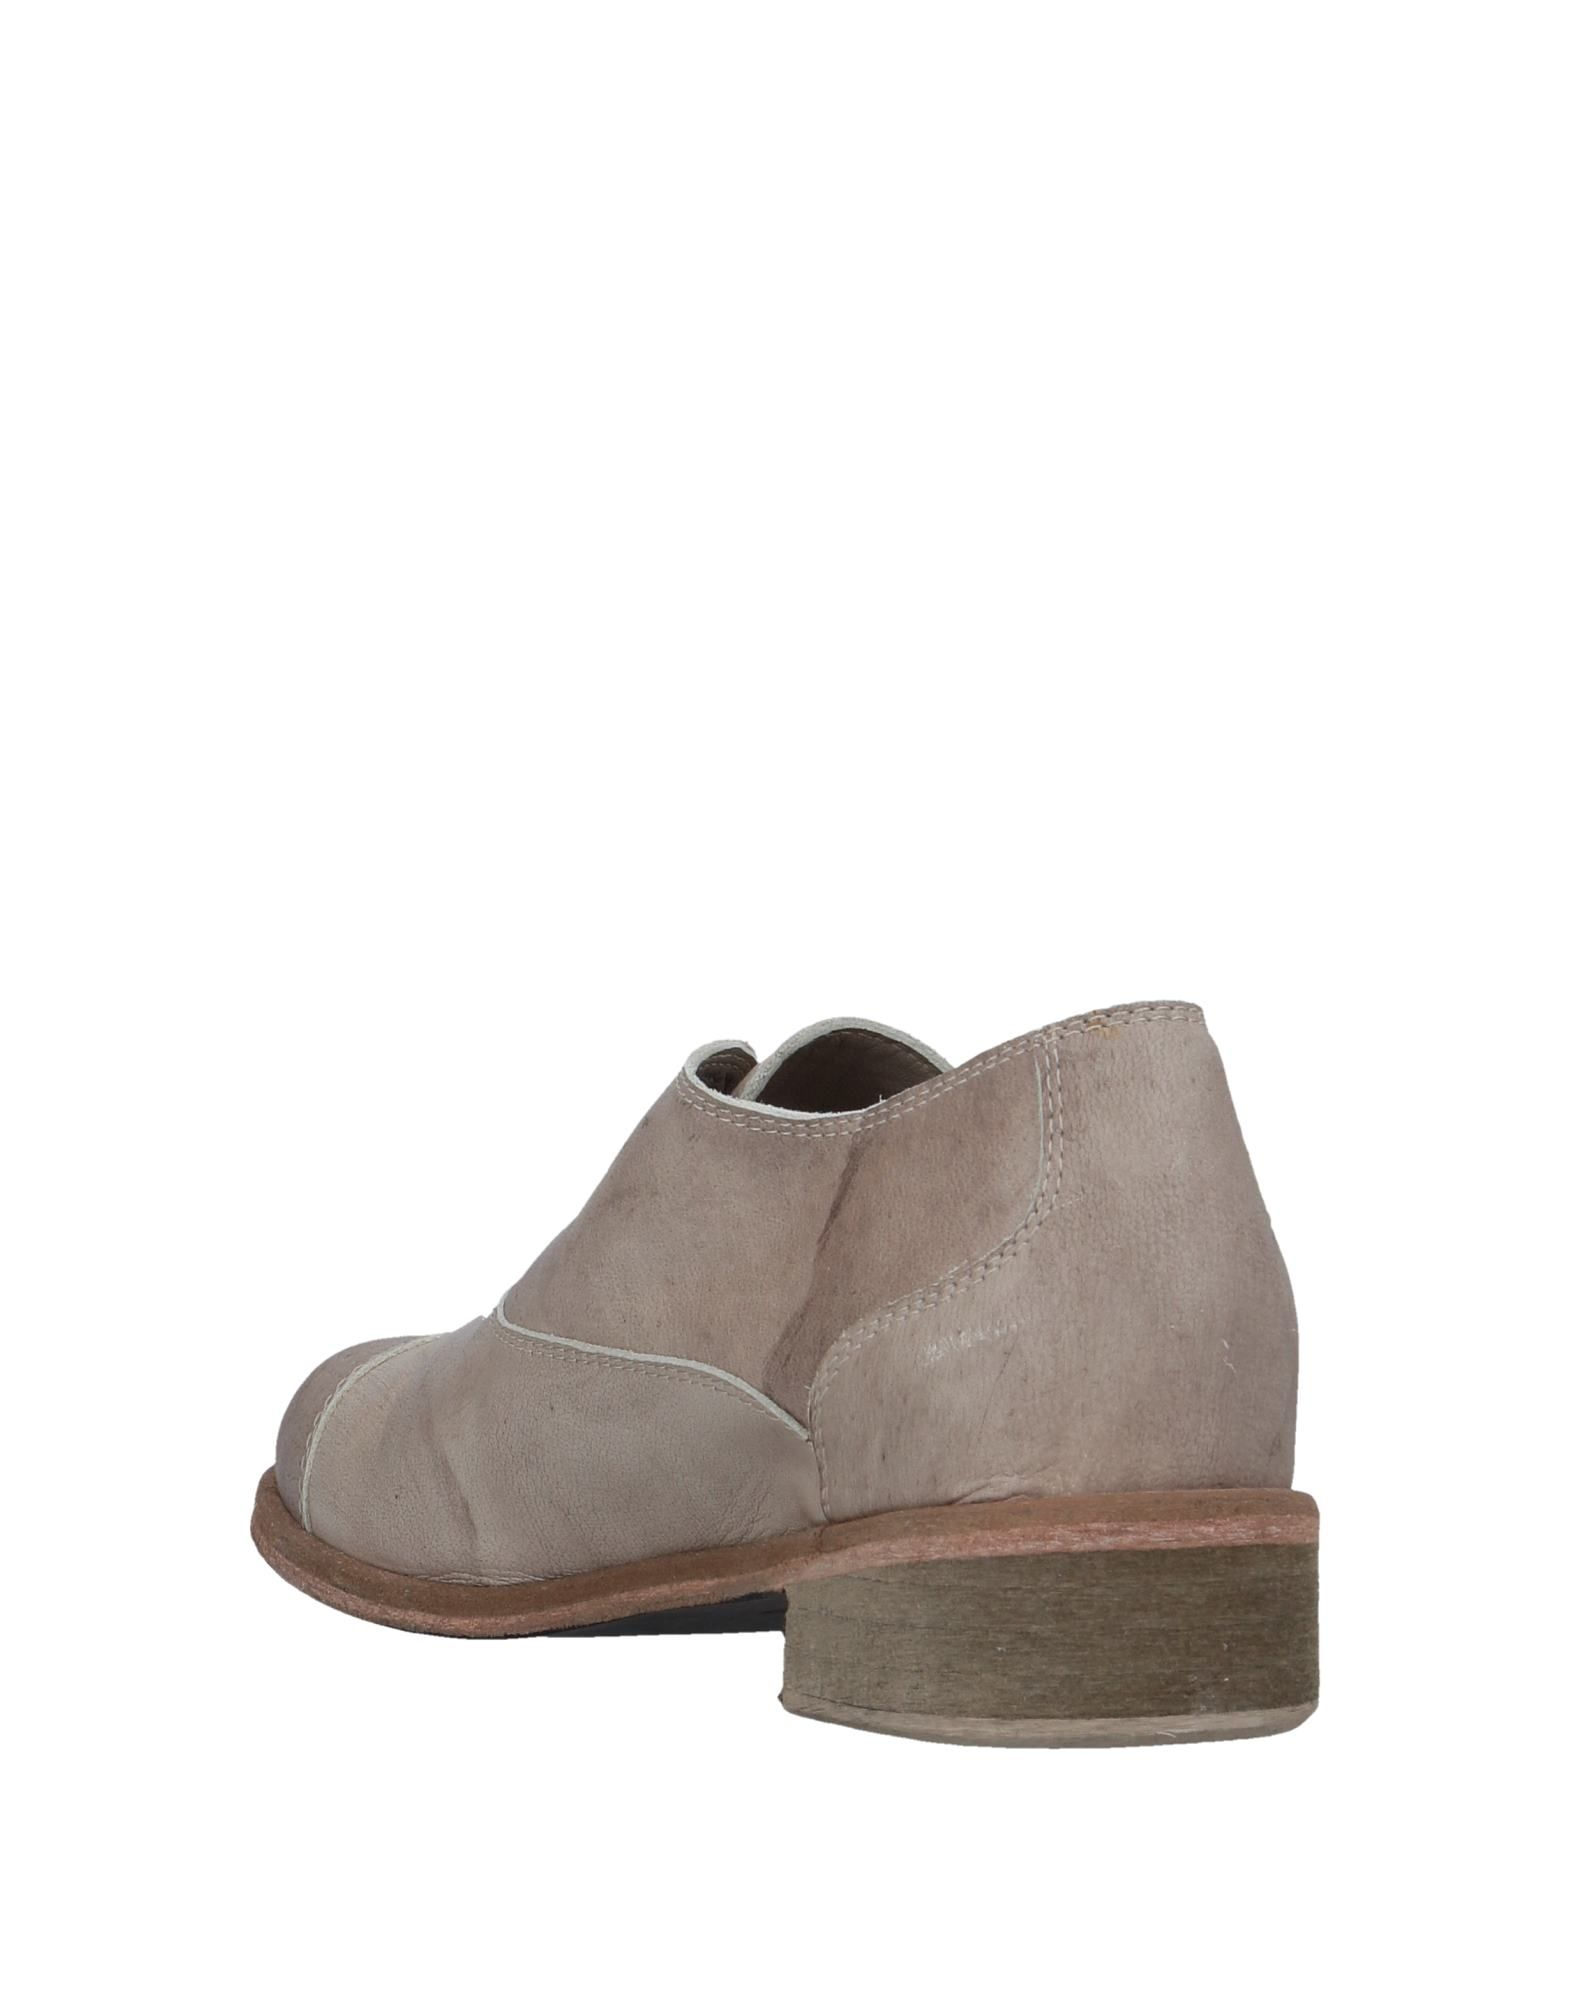 San Crispino Mokassins Damen beliebte  11523123II Gute Qualität beliebte Damen Schuhe 08bd6a